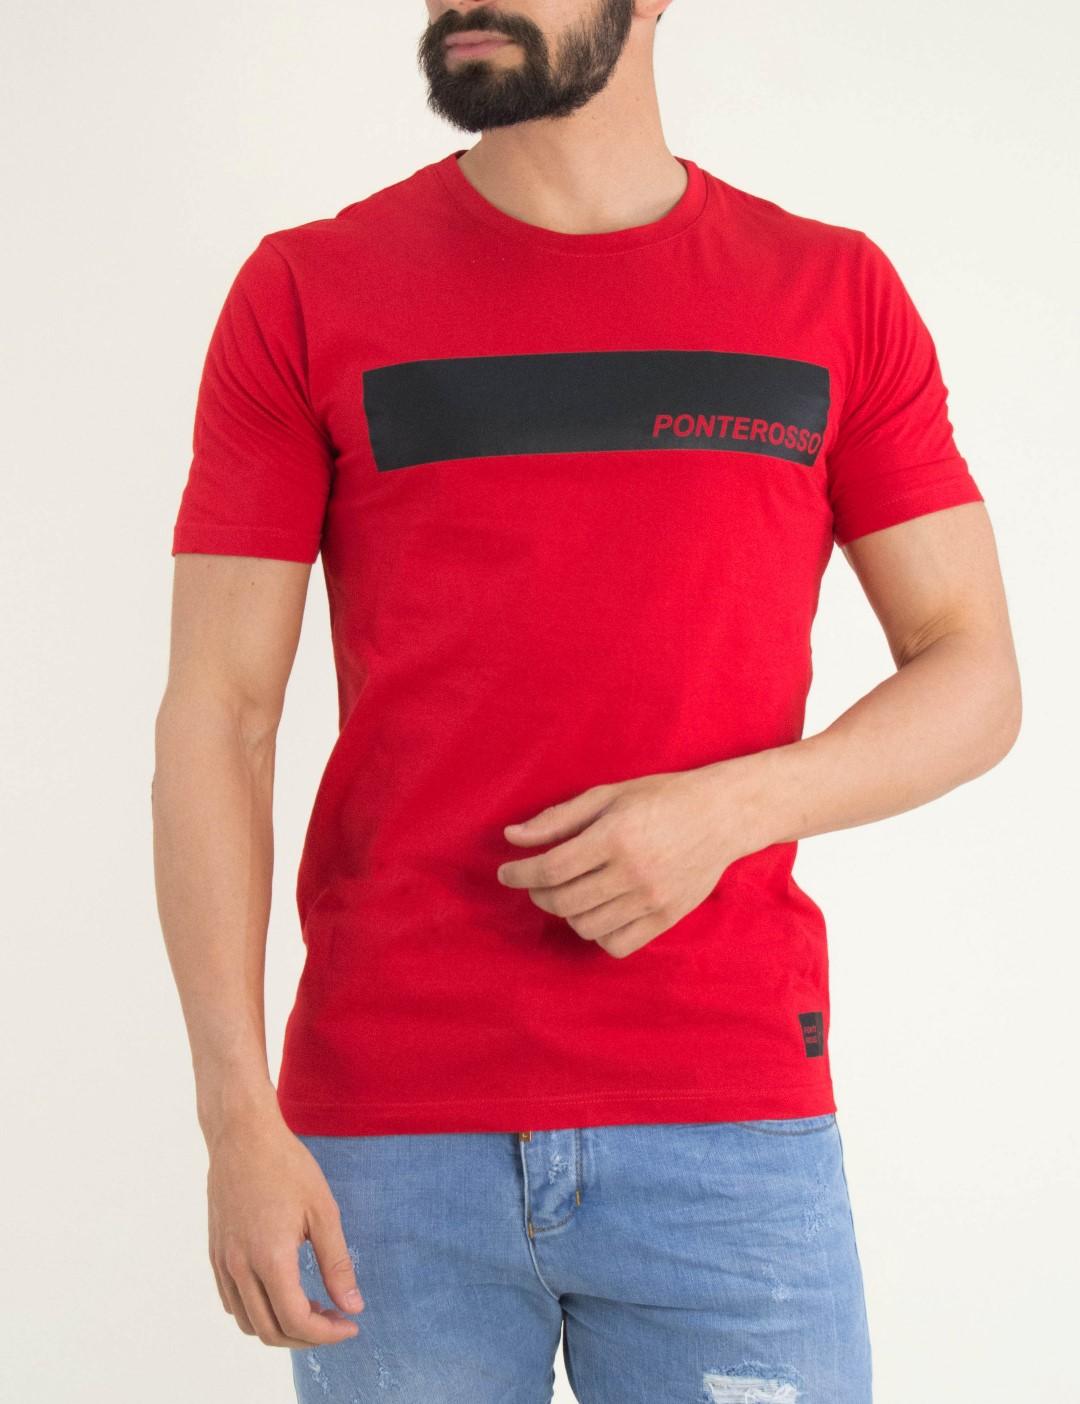 989726b1b80a Ανδρικό κόκκινο Tshirt στάμπα Ponte rosso 191028